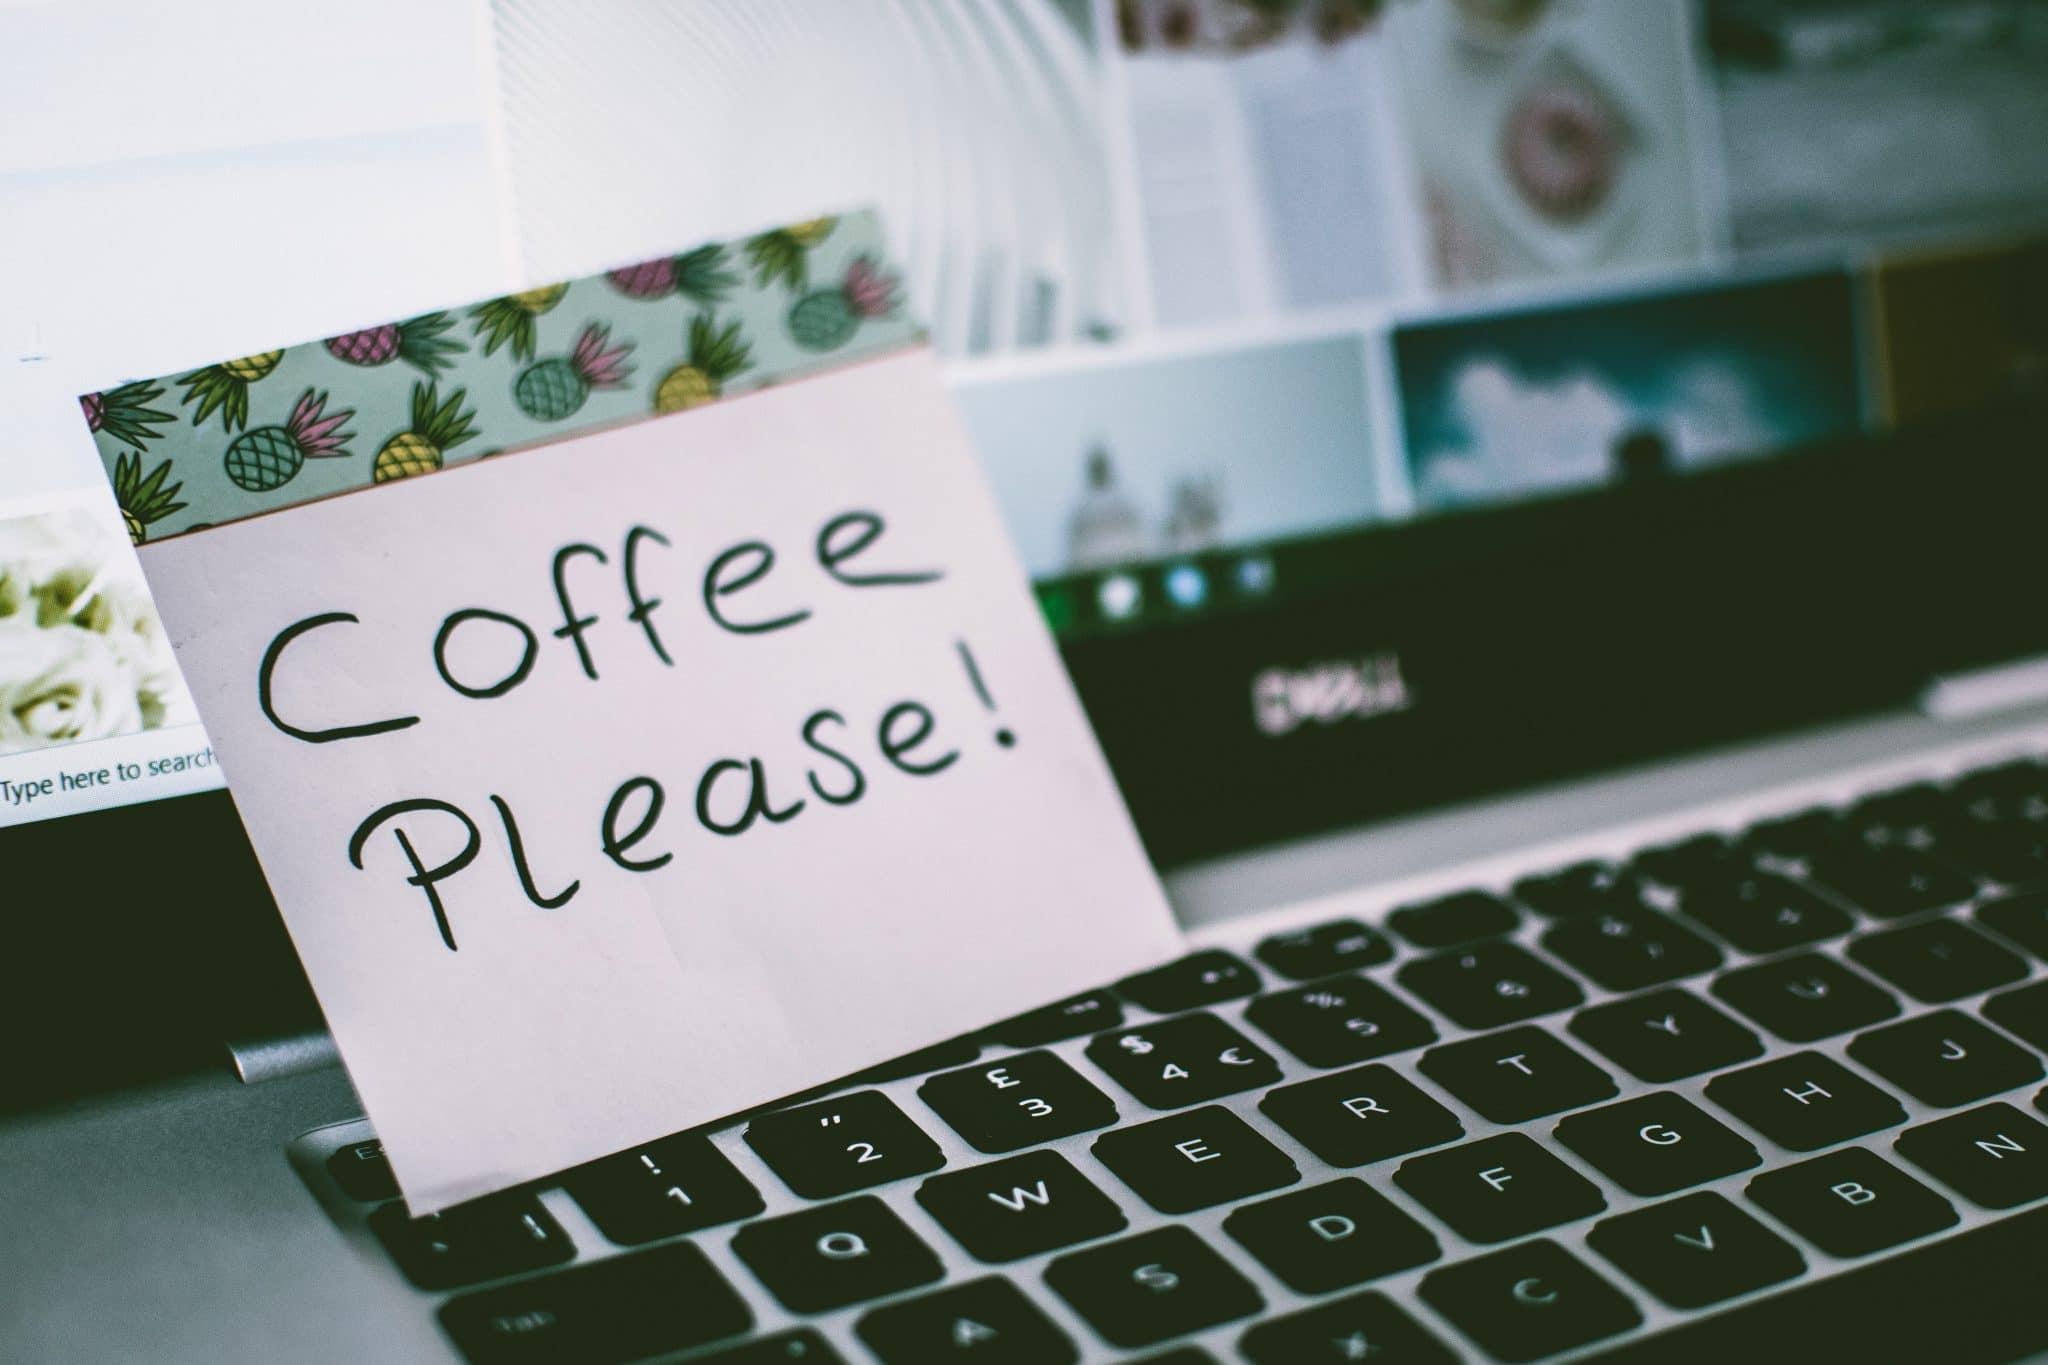 koffie werken in ploegen